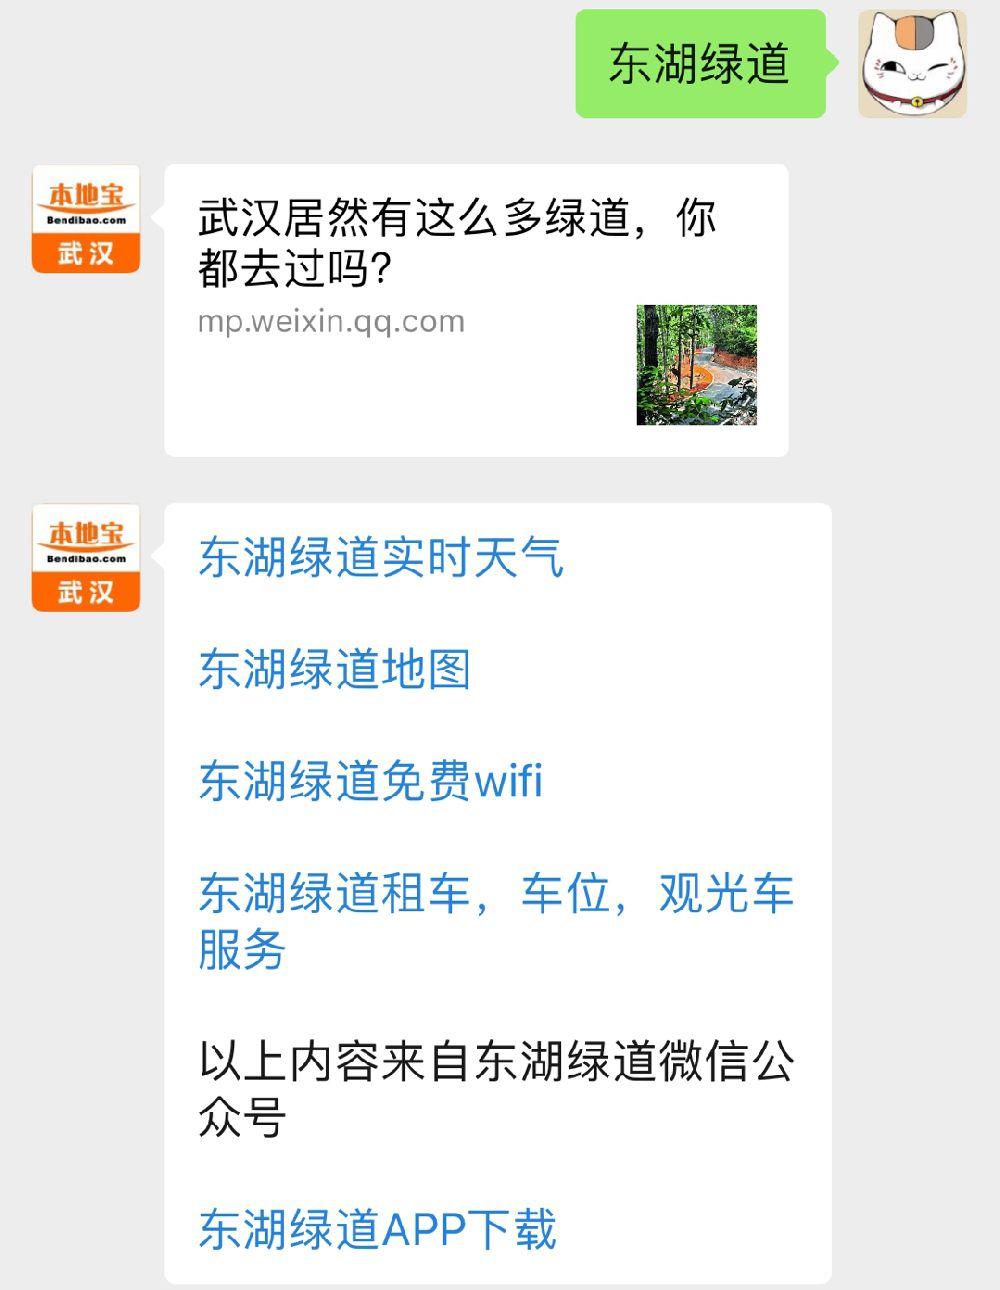 武汉东湖绿道交通指南(公交+地铁+自驾)